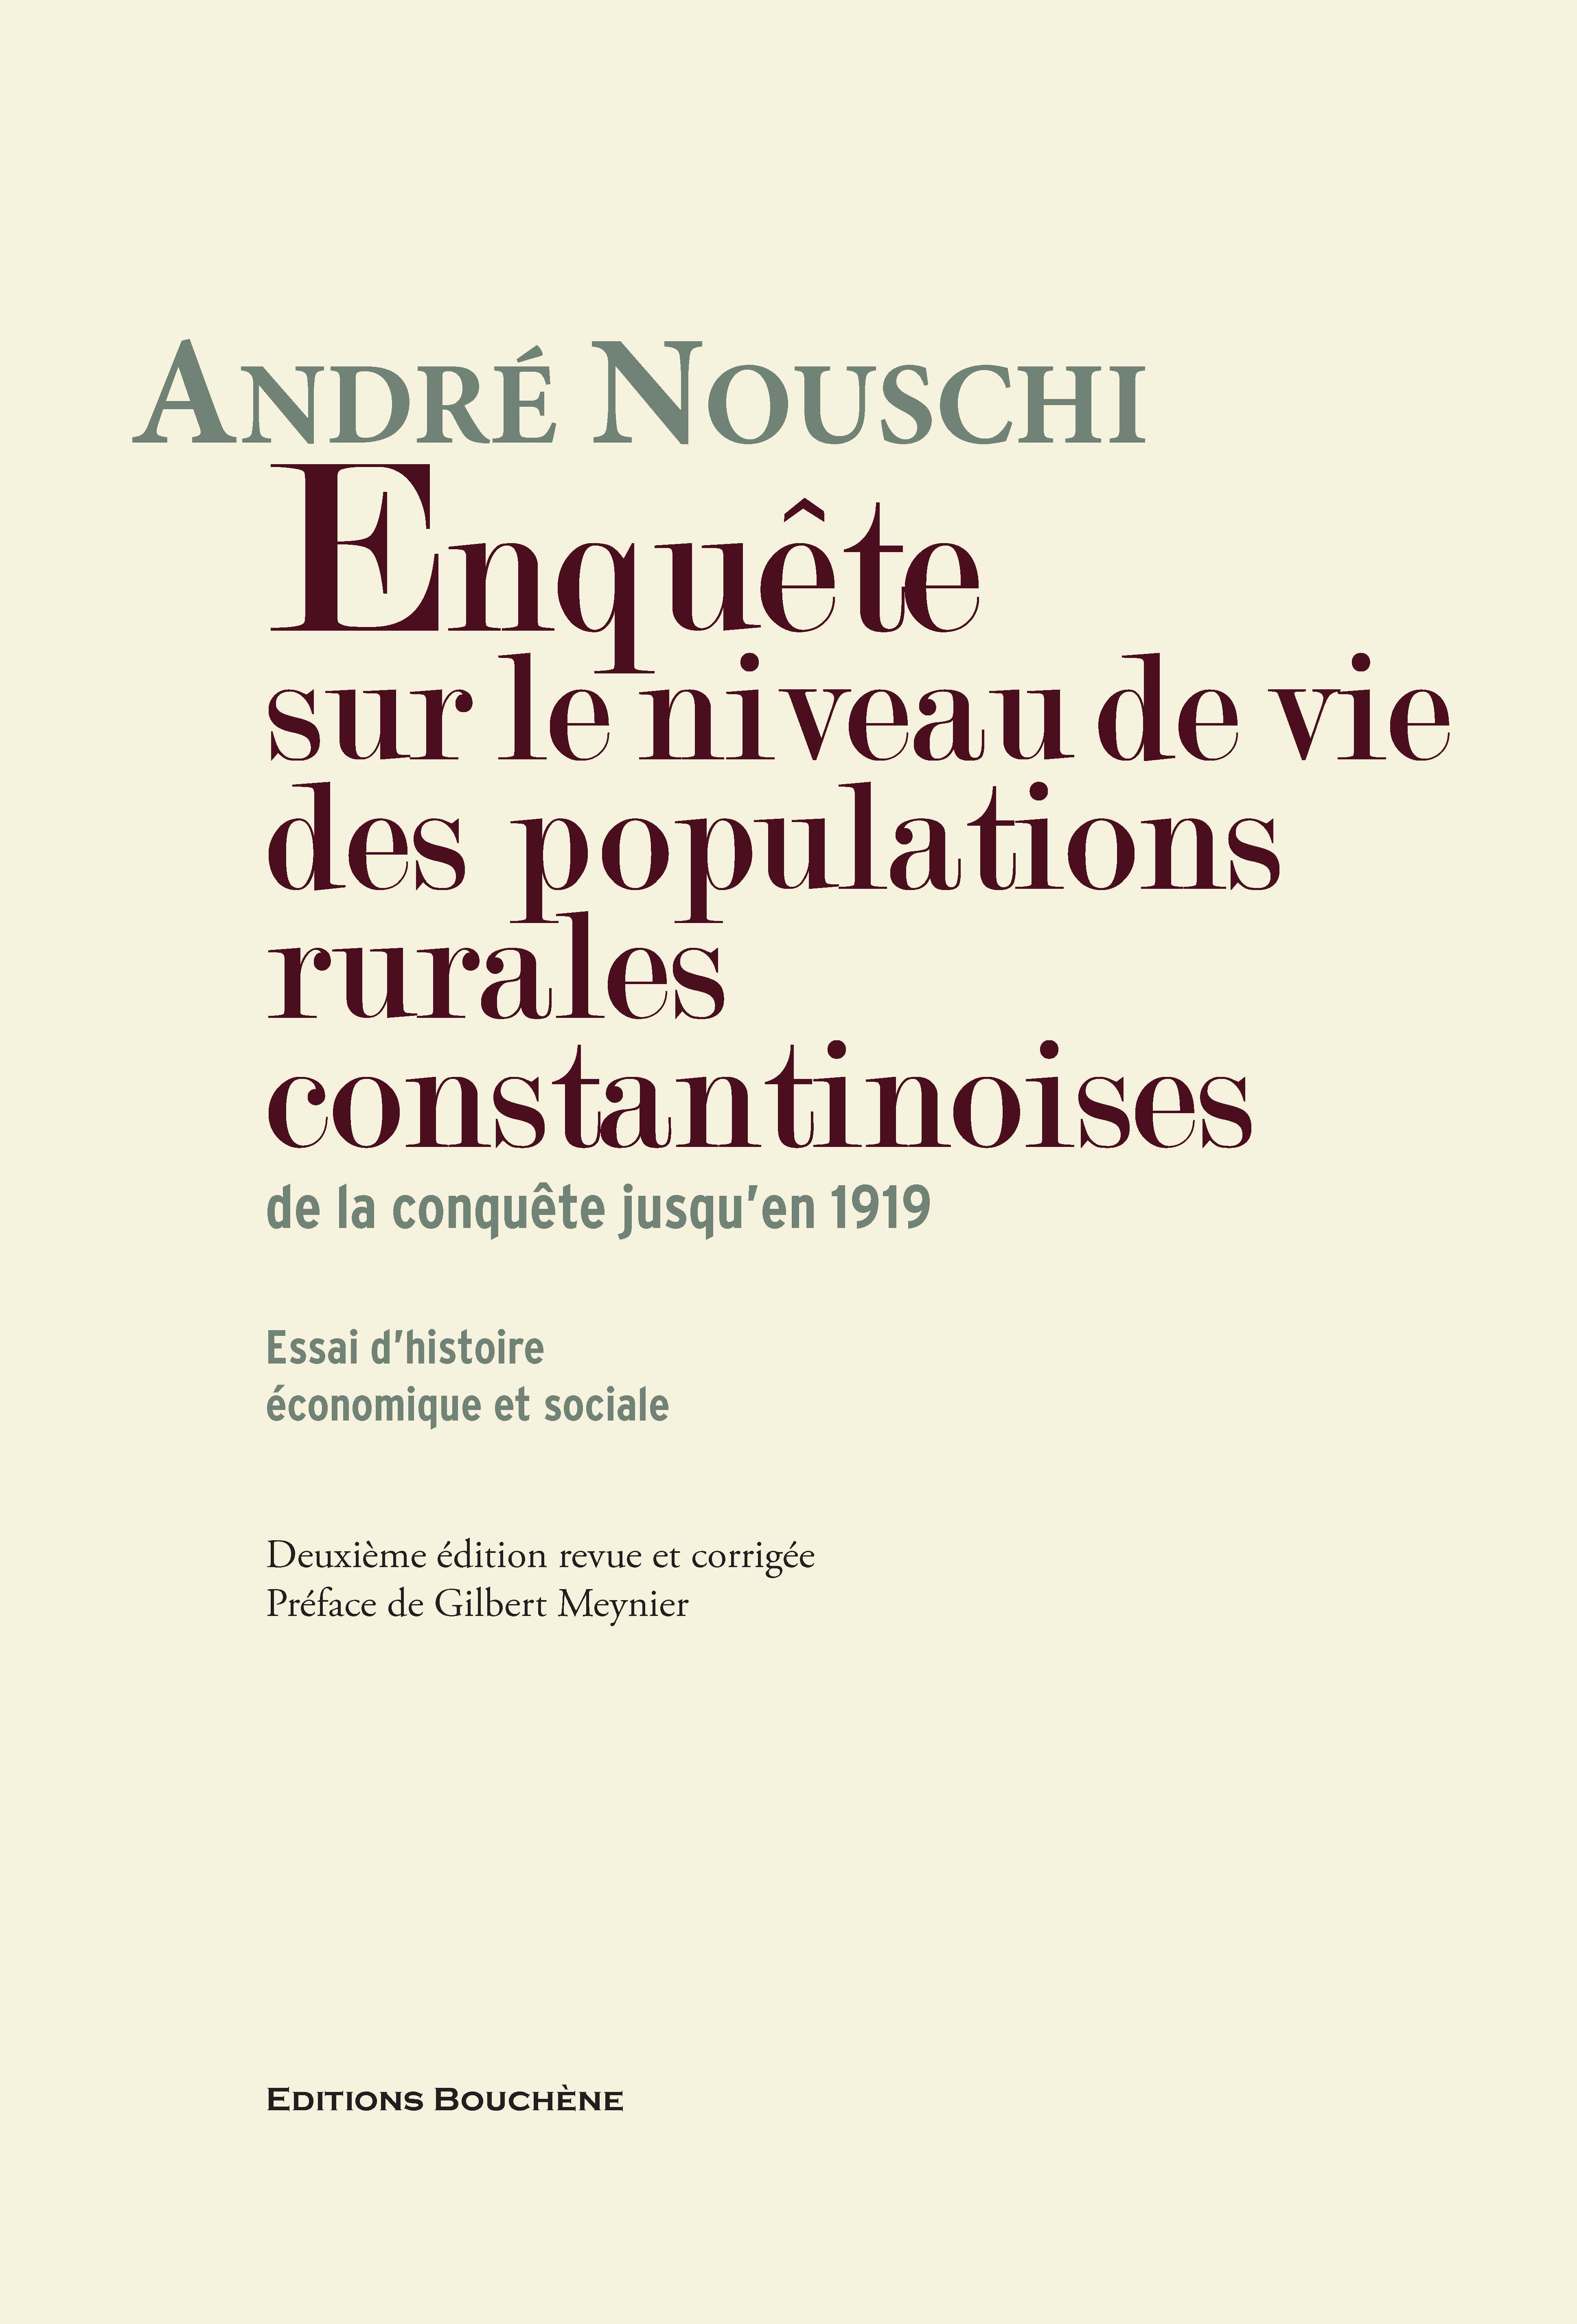 De Lalgérie Du Terroir à La Recherche Historique André